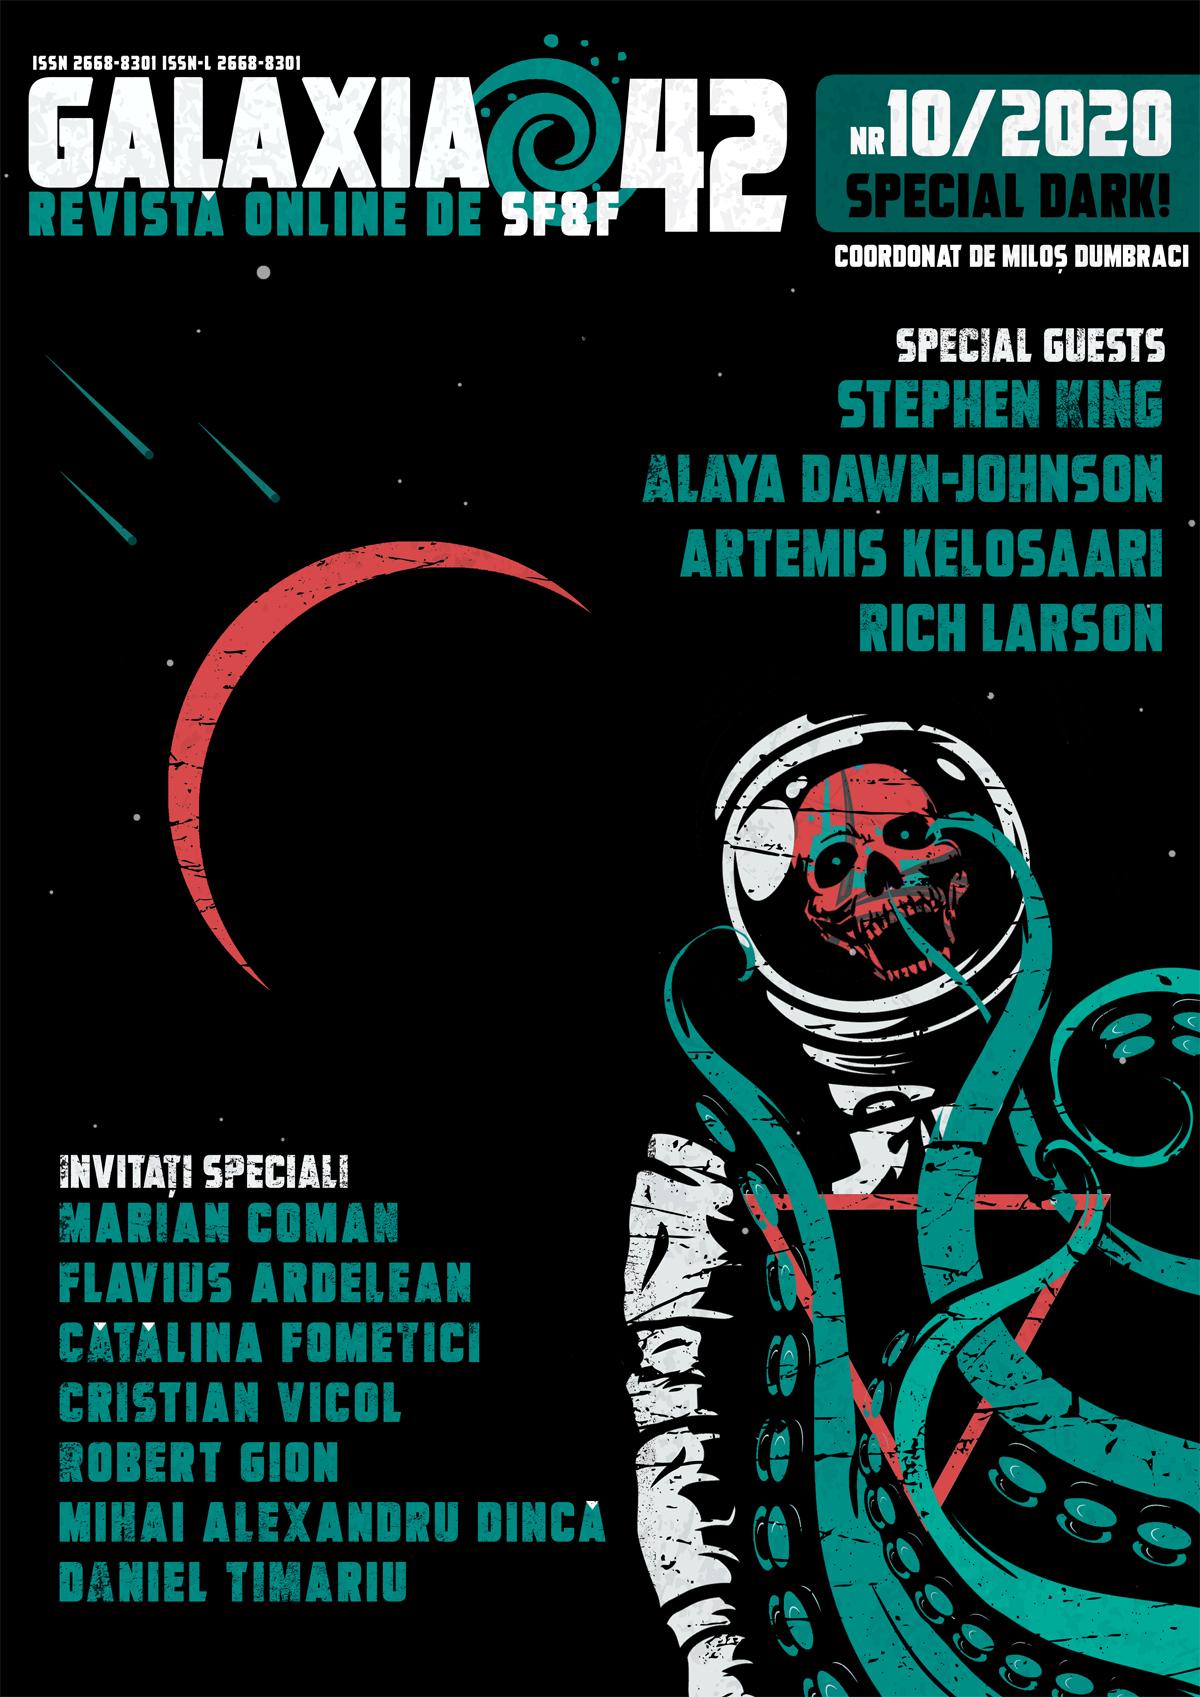 Revista Galaxia 42 #10